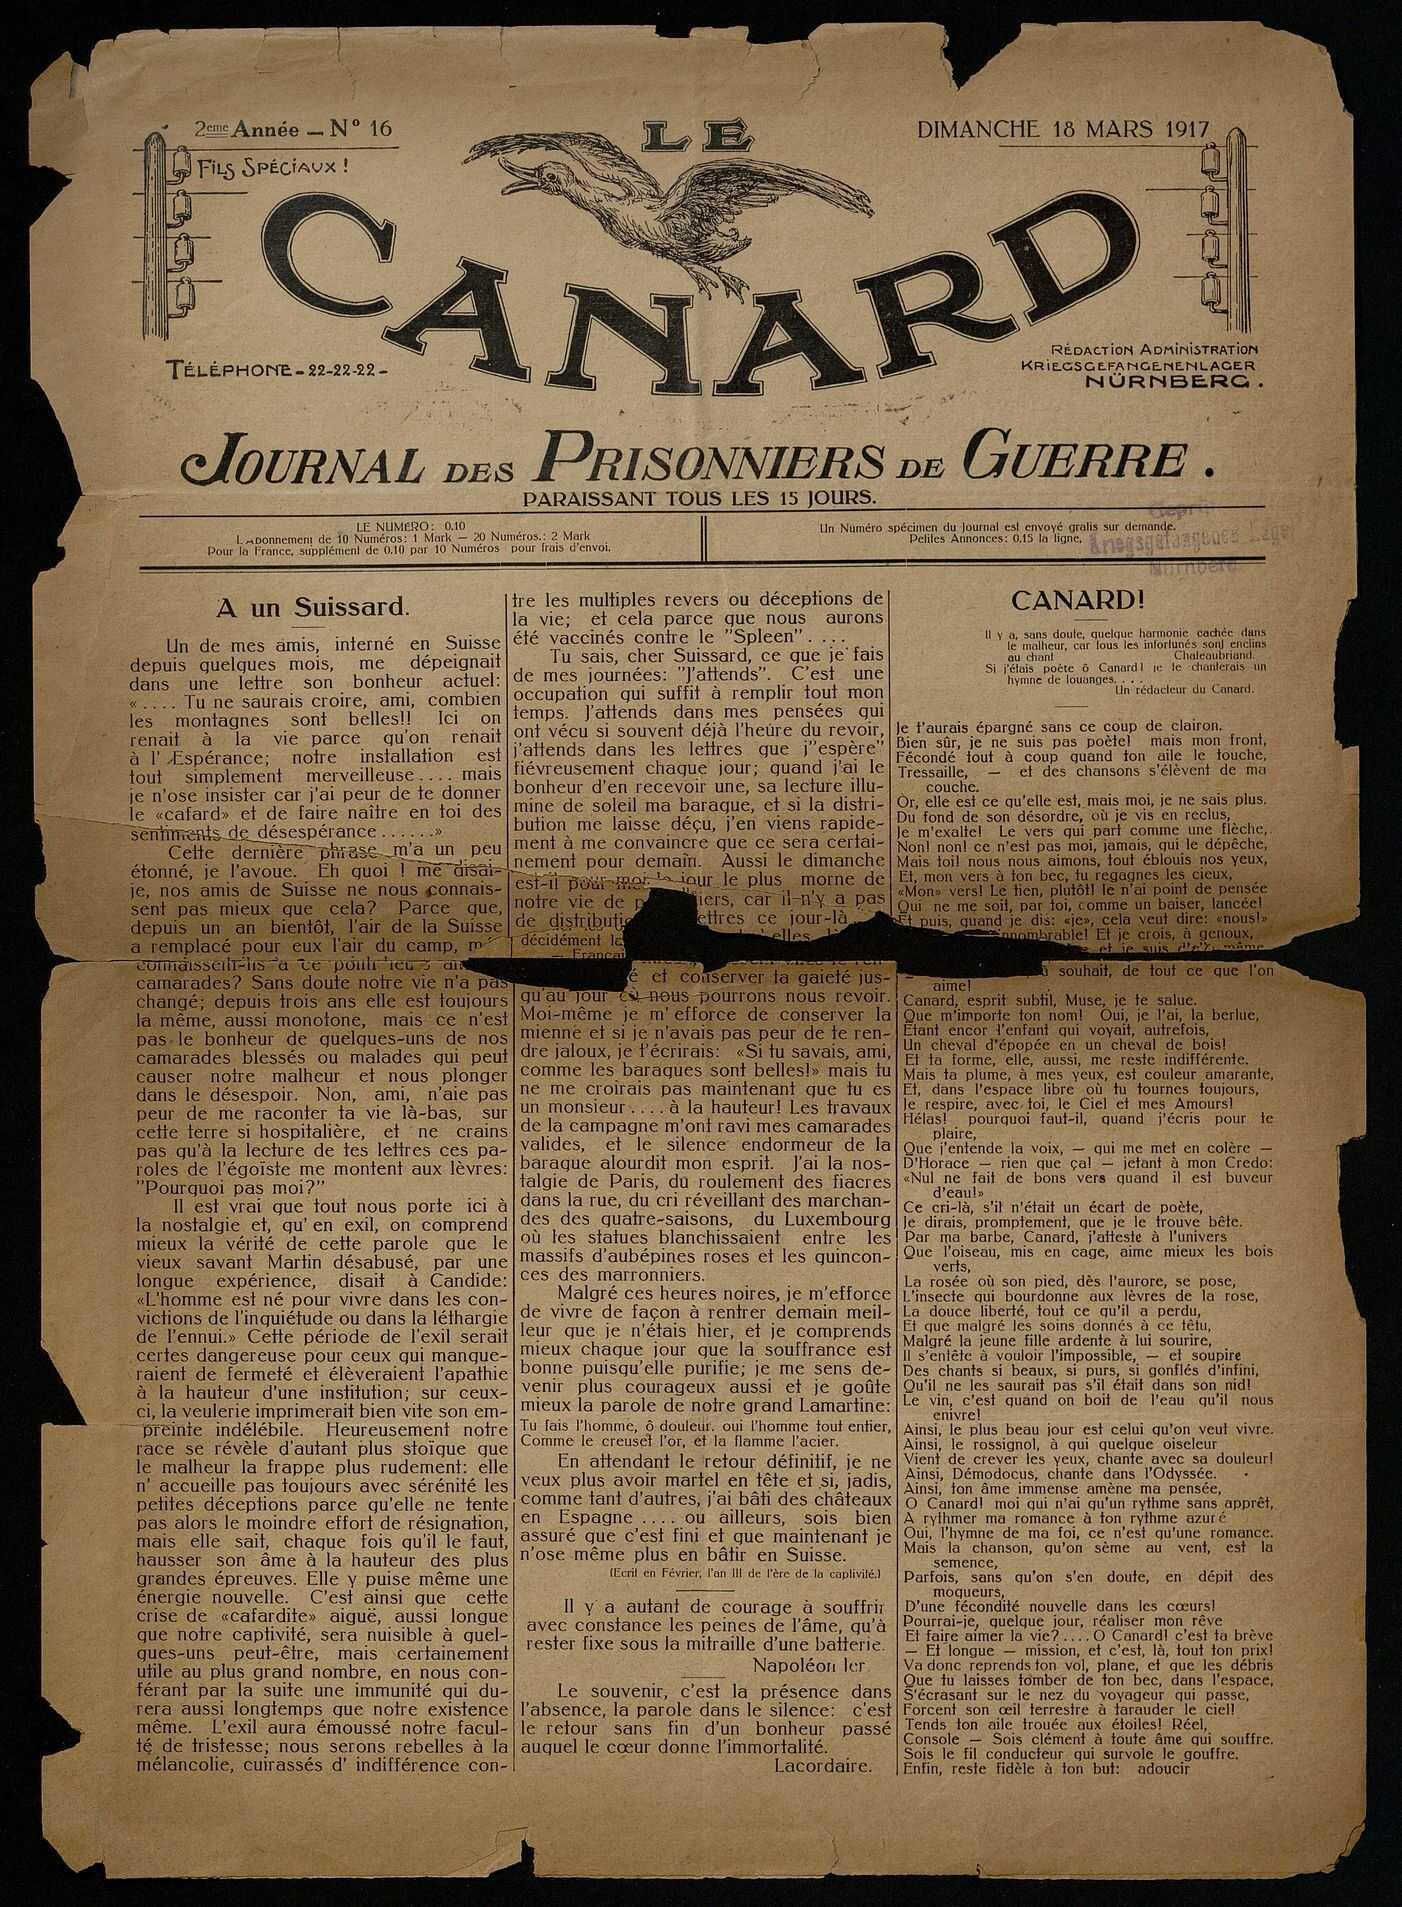 LE CANARD. JOURNAL DES PRISONNIERS DE GUERRE